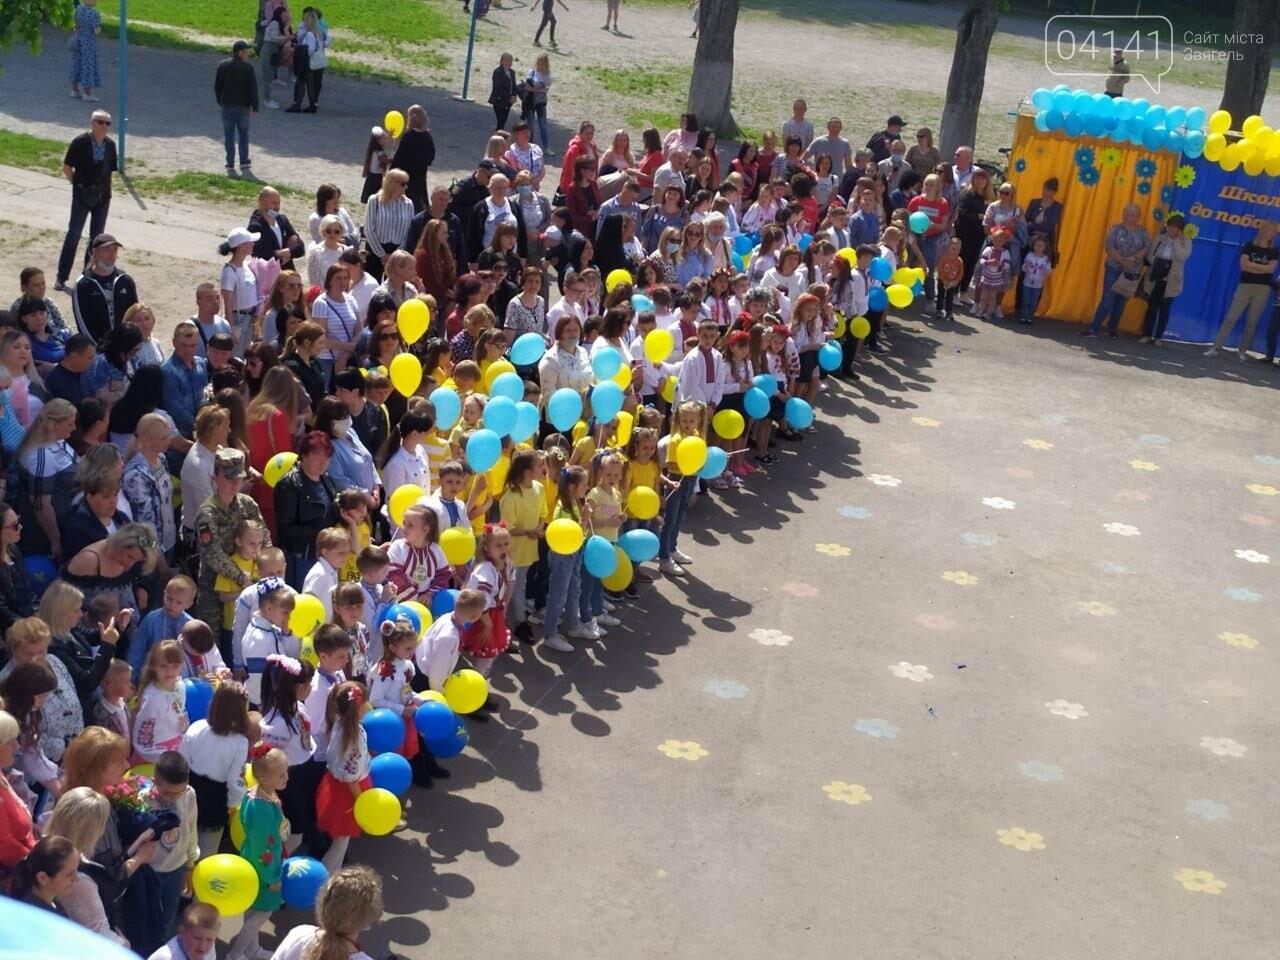 """""""Україна в нас одна"""": Останній дзвоник пролунав у школі №2  Новограда-Волинського, фото-5"""